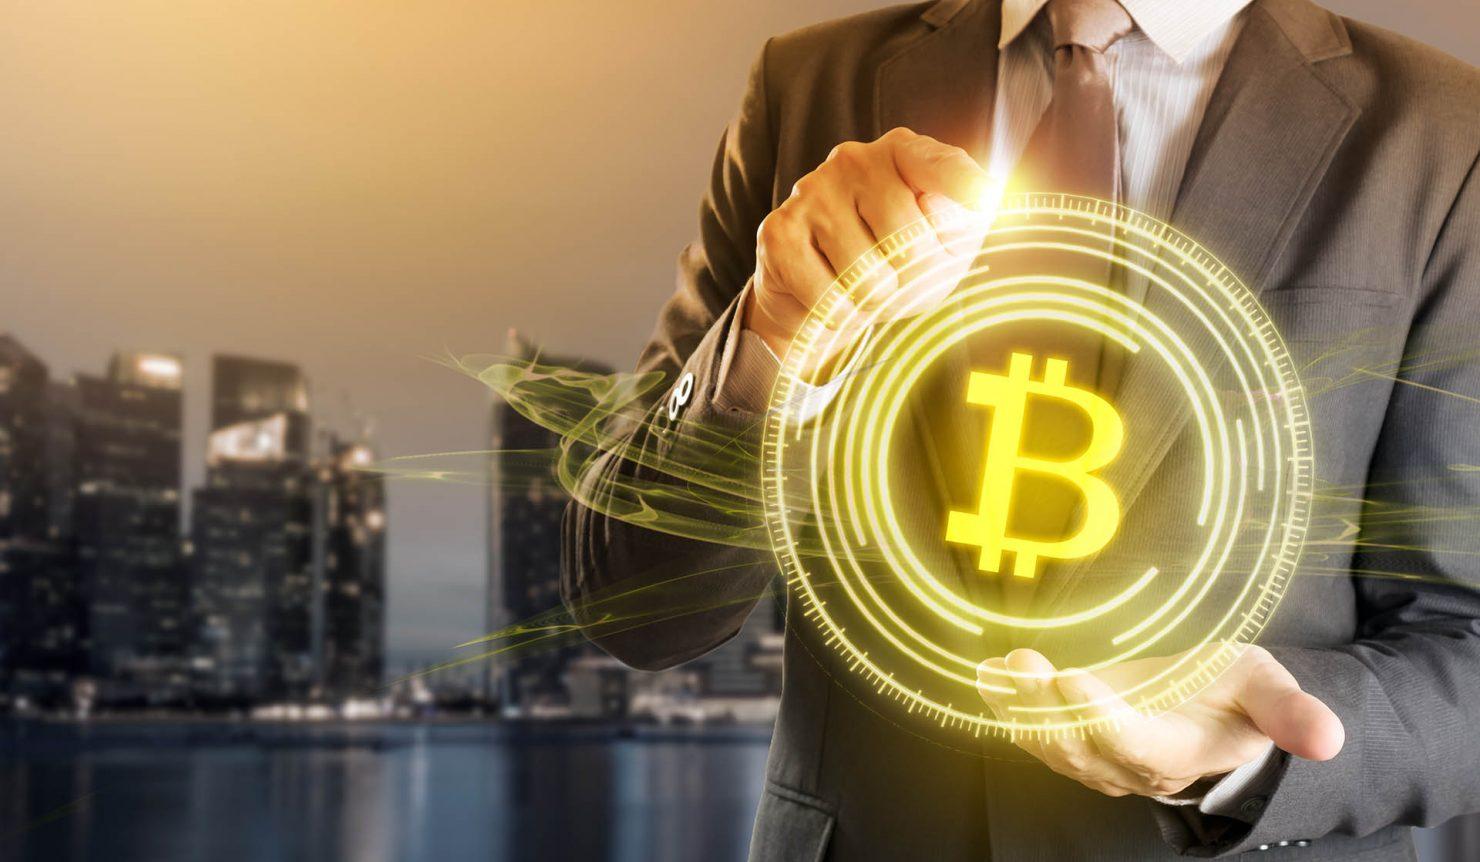 Kamuya Acik Sirketlerin Bitcoin Yatirimi Artiyor Bu Daha Baslangic